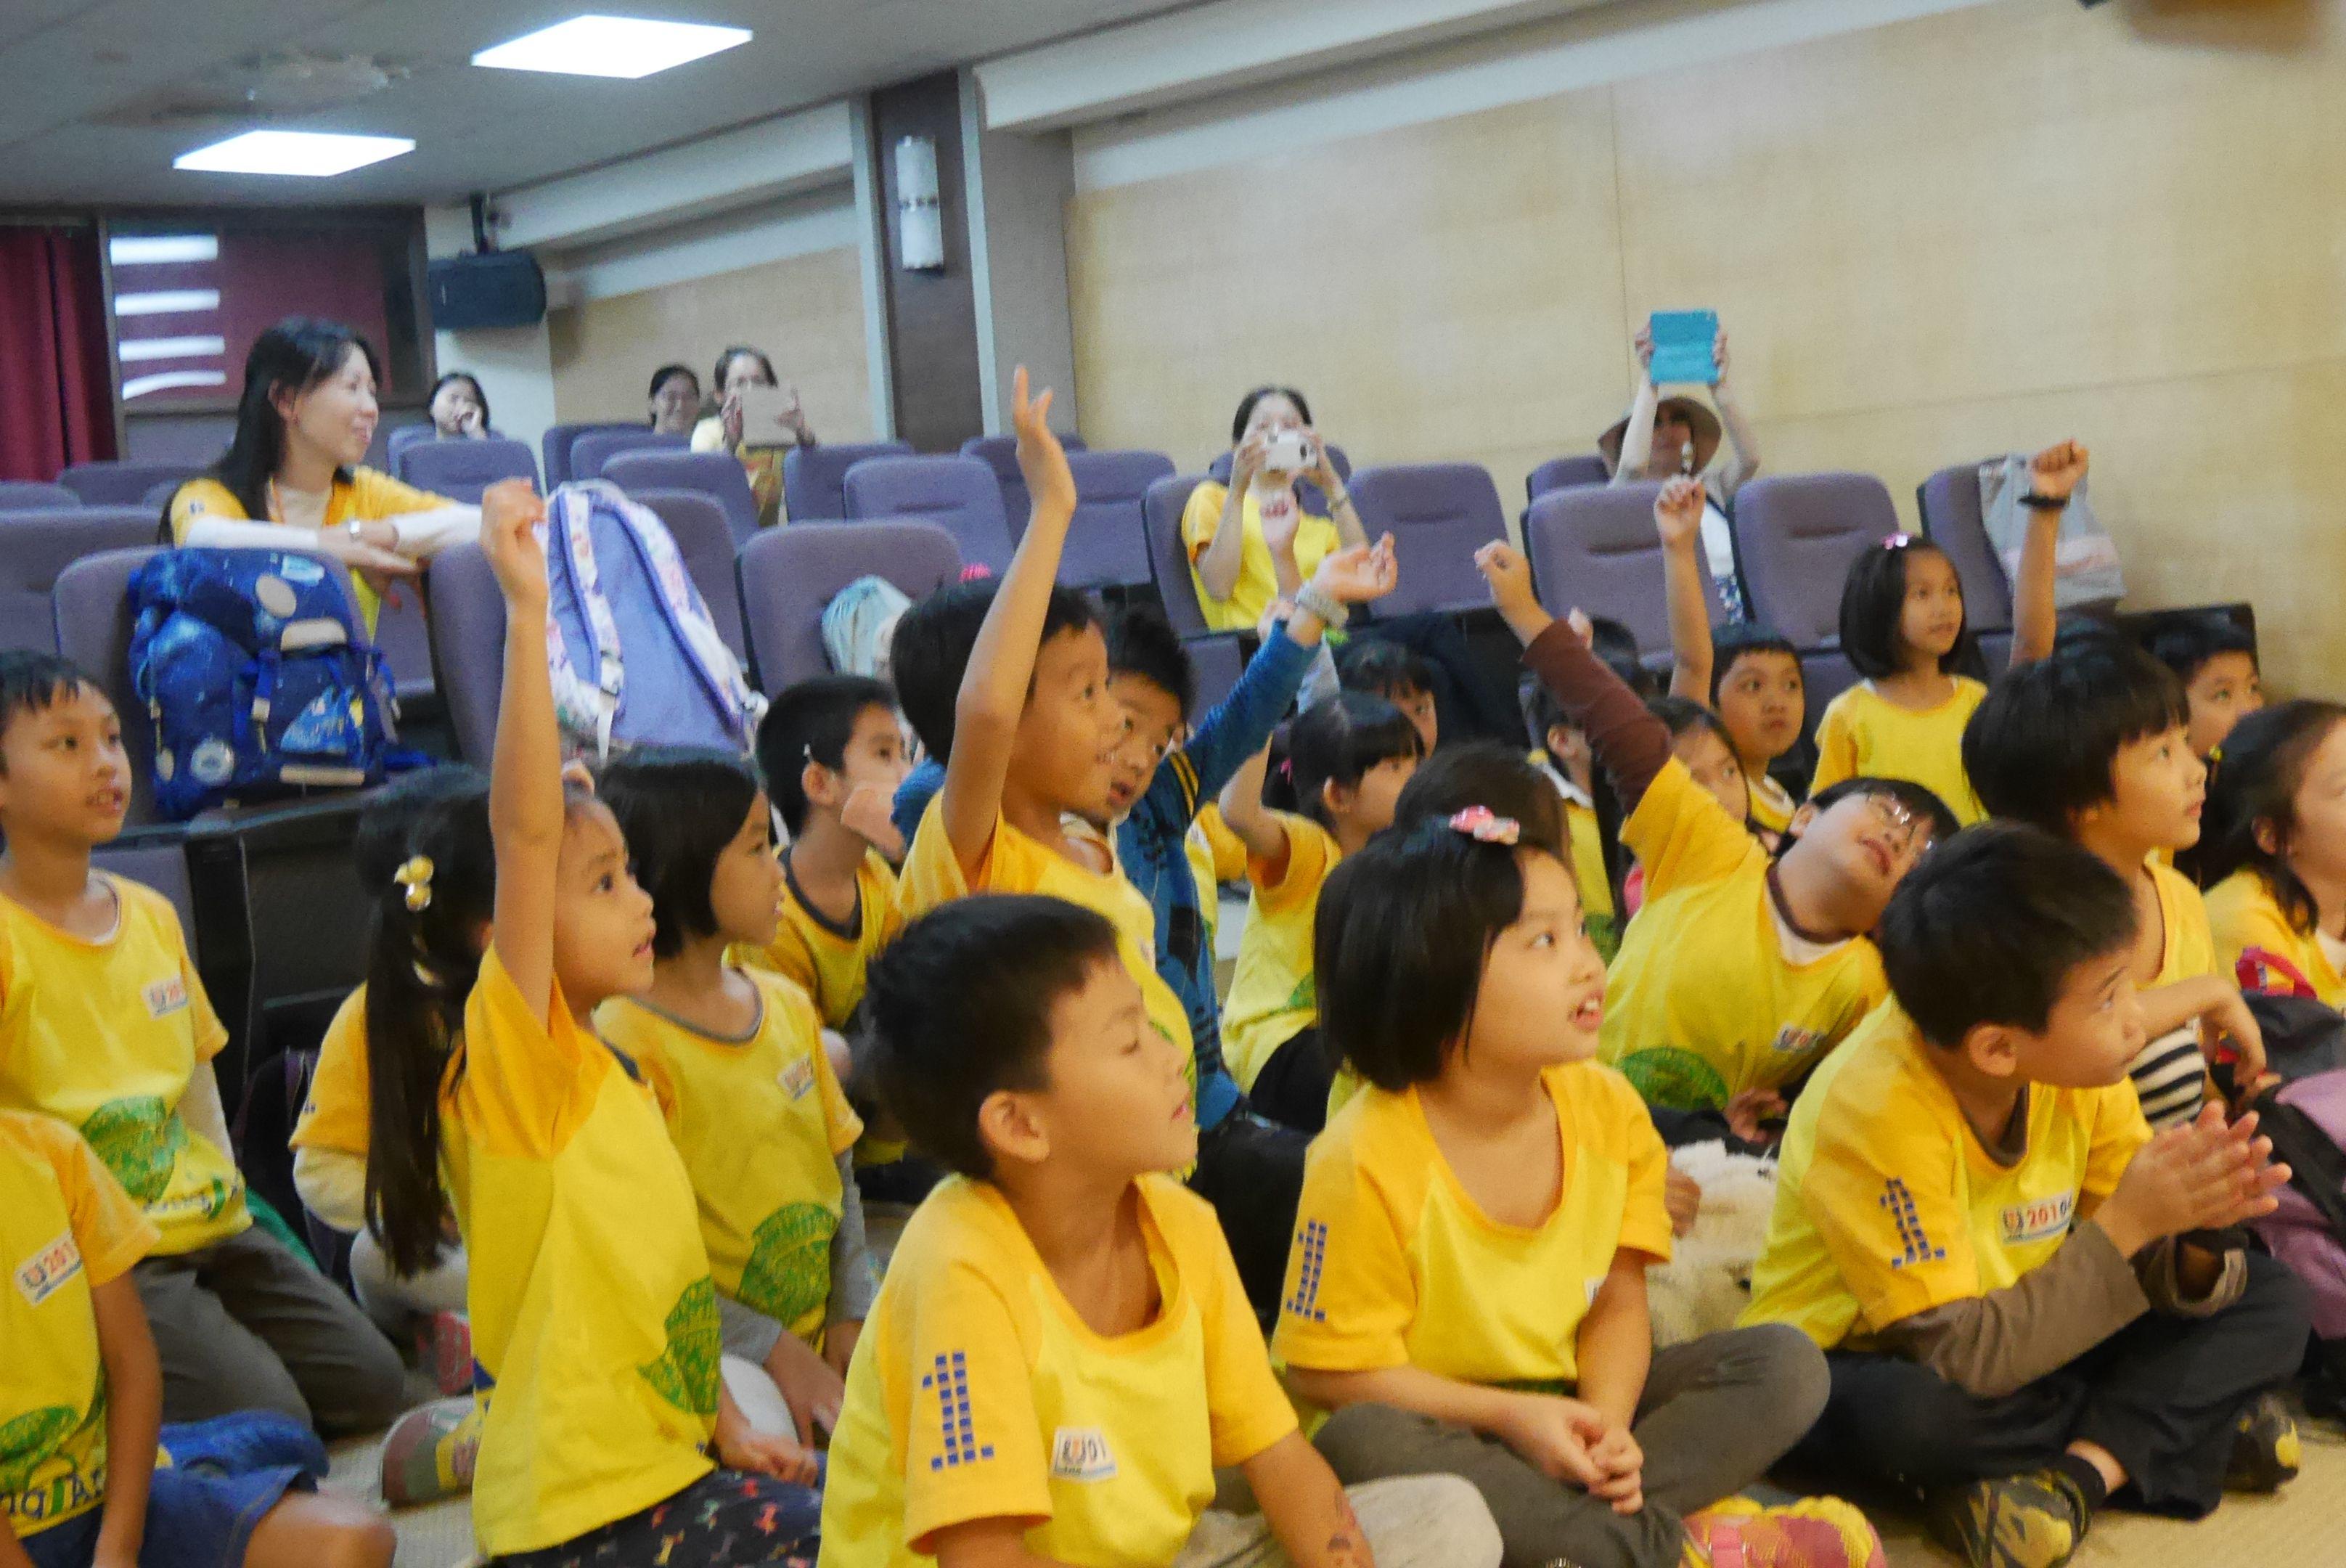 105年度環教中心活動花絮回顧水水小學堂之巴爾頓劇場